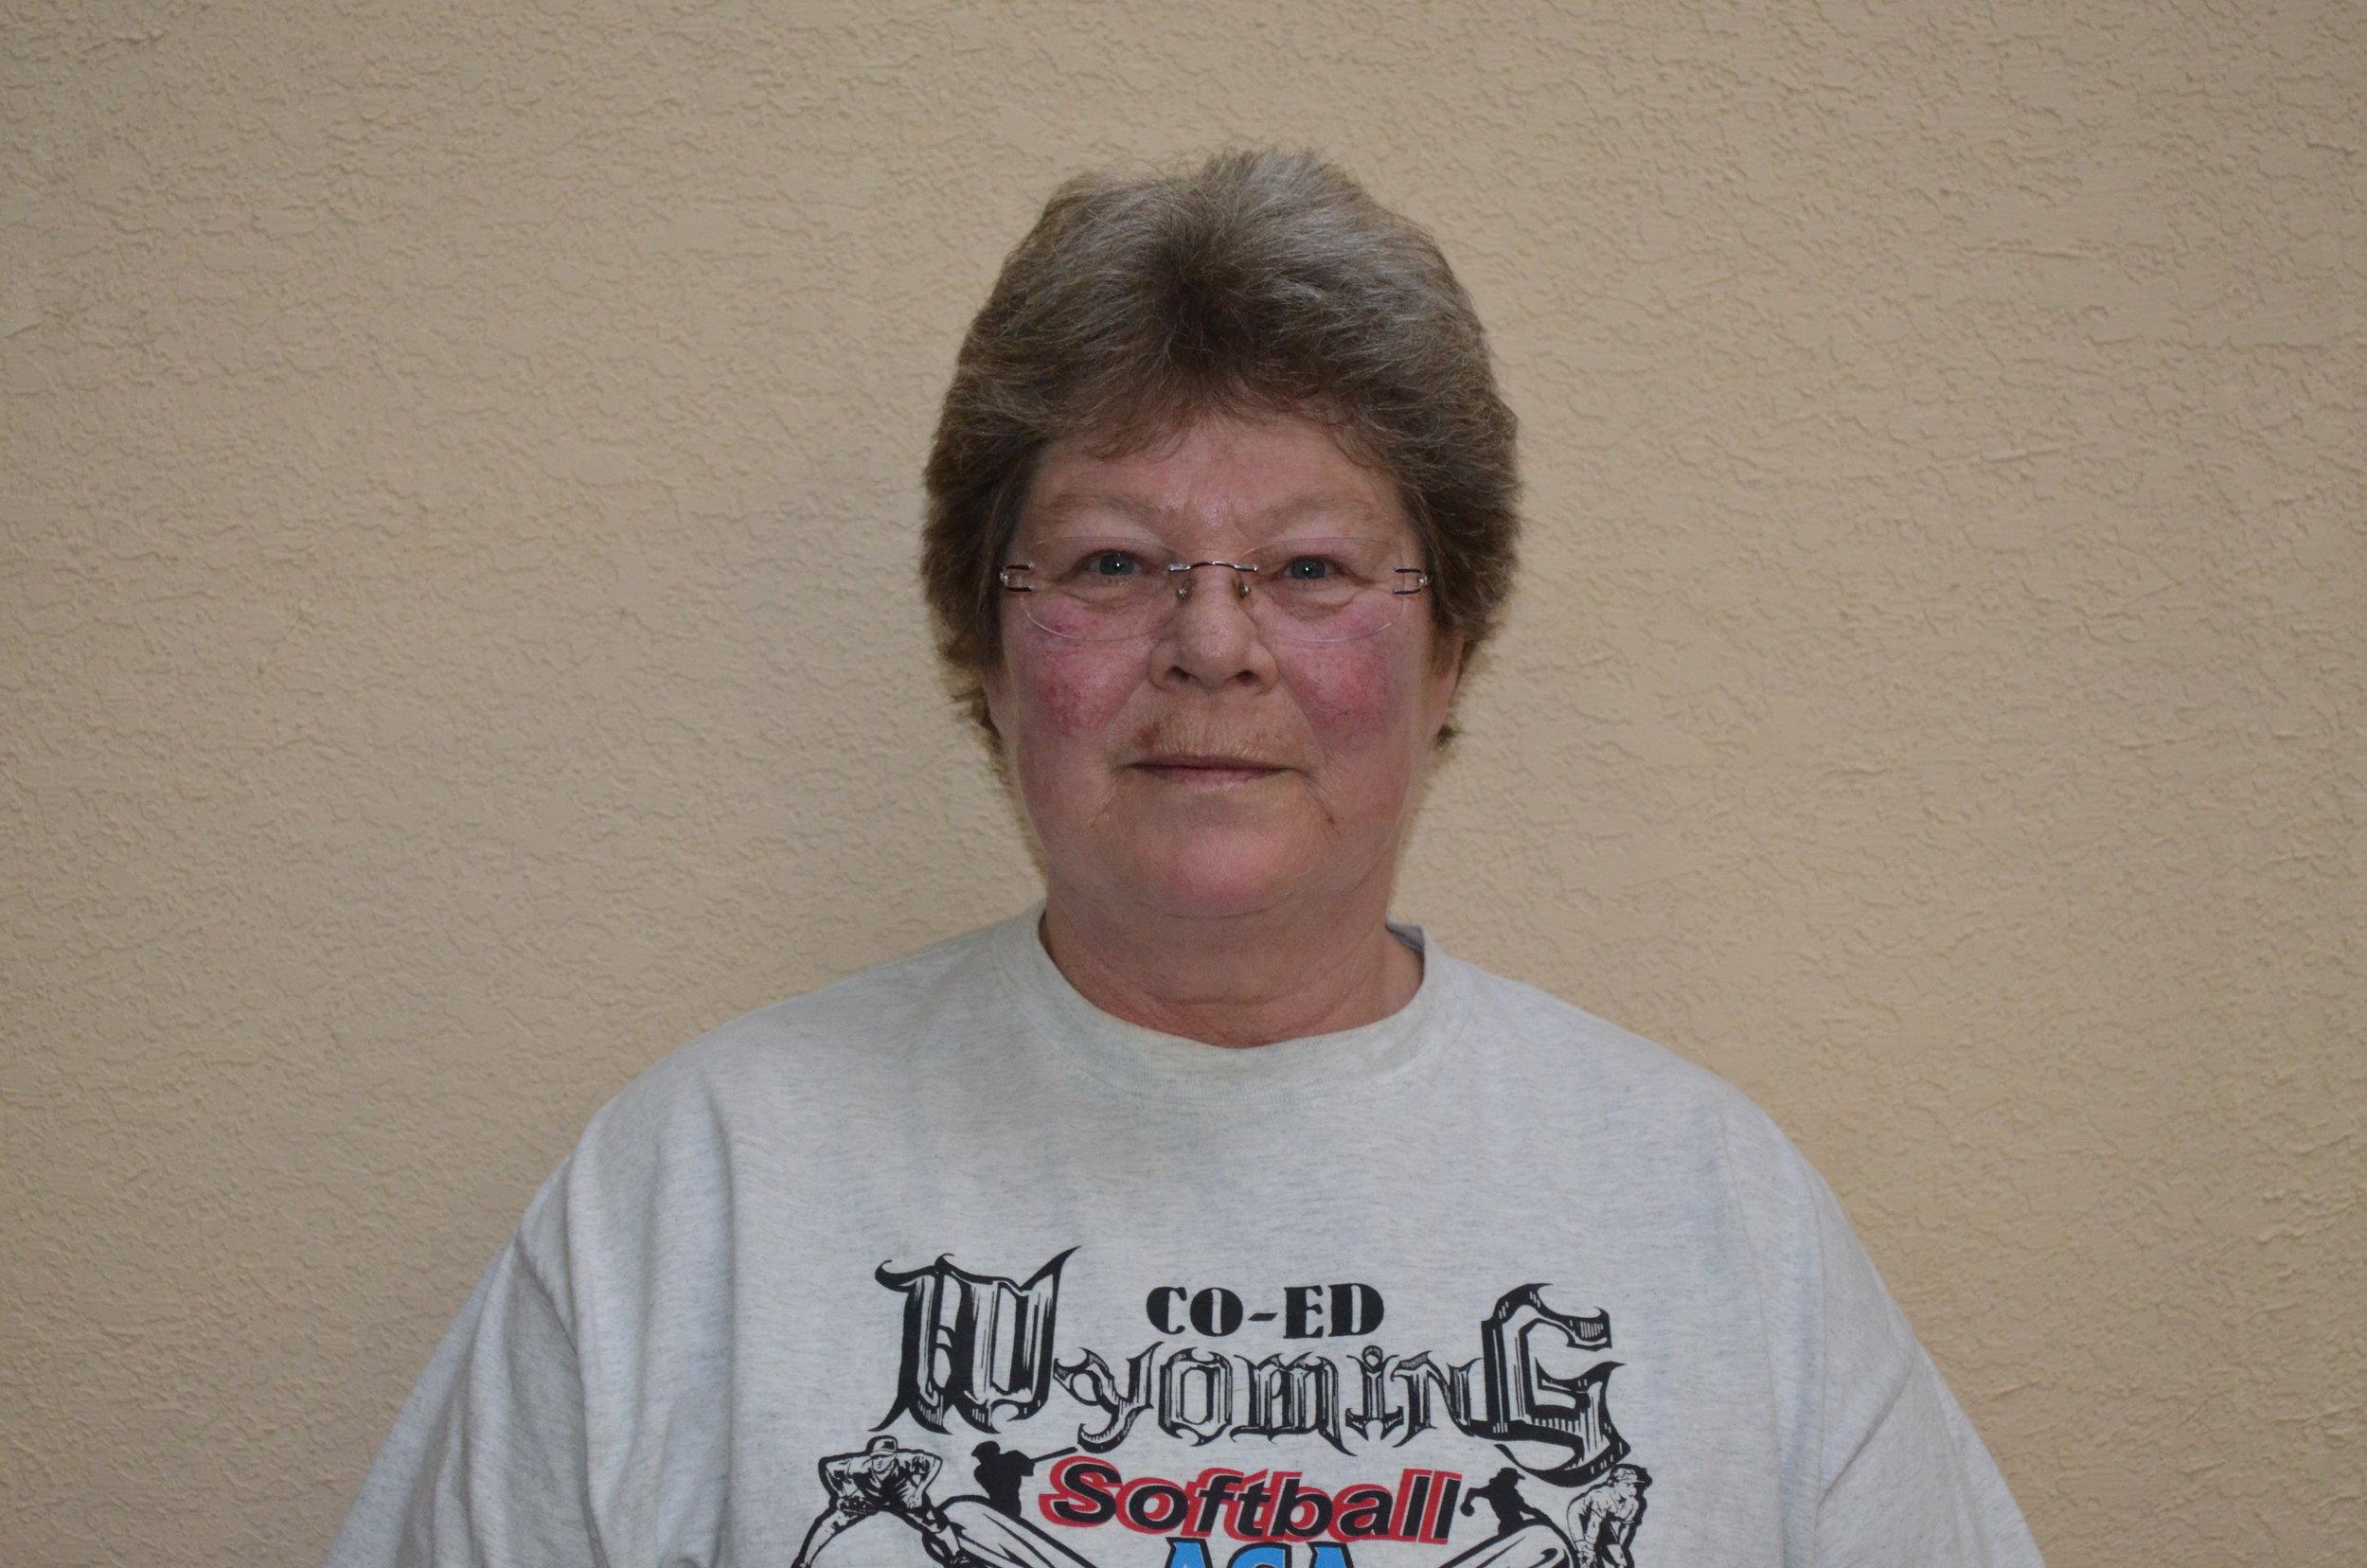 Deputy State Comm - Karen Bennett